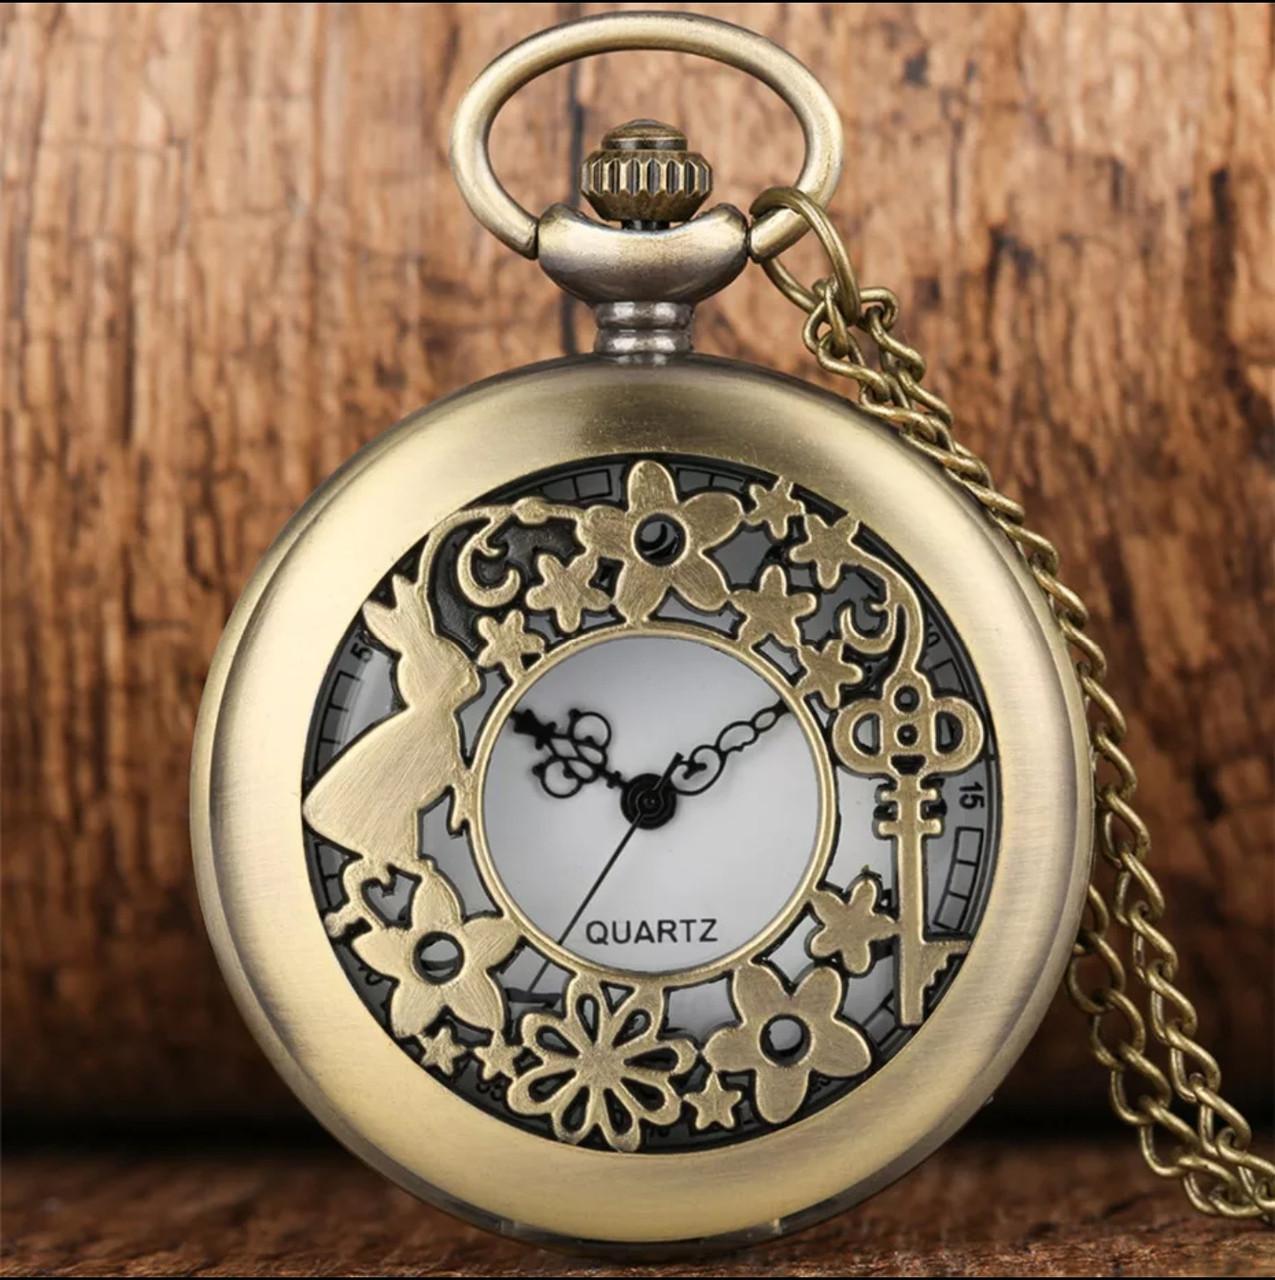 Карманные часы на цепочке Алиса в стране чудес Кролик